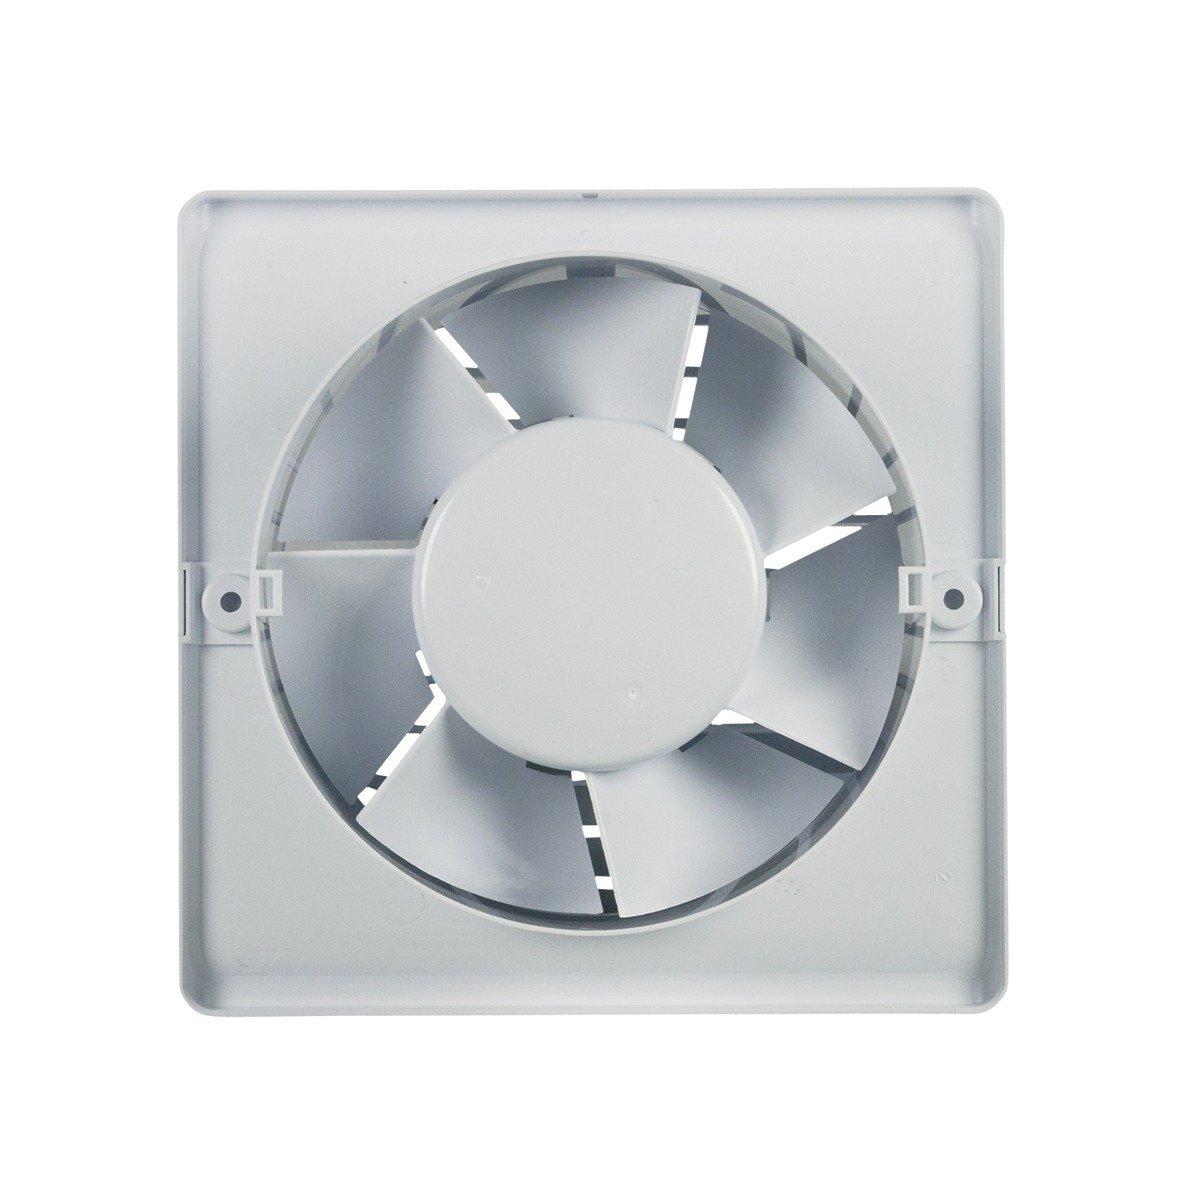 Wohnraumventilator Wandeinbauventilator L/üfter Ventilator 125erR mit Feuchtigkeitssensor f/ür Wand Bad Toilette